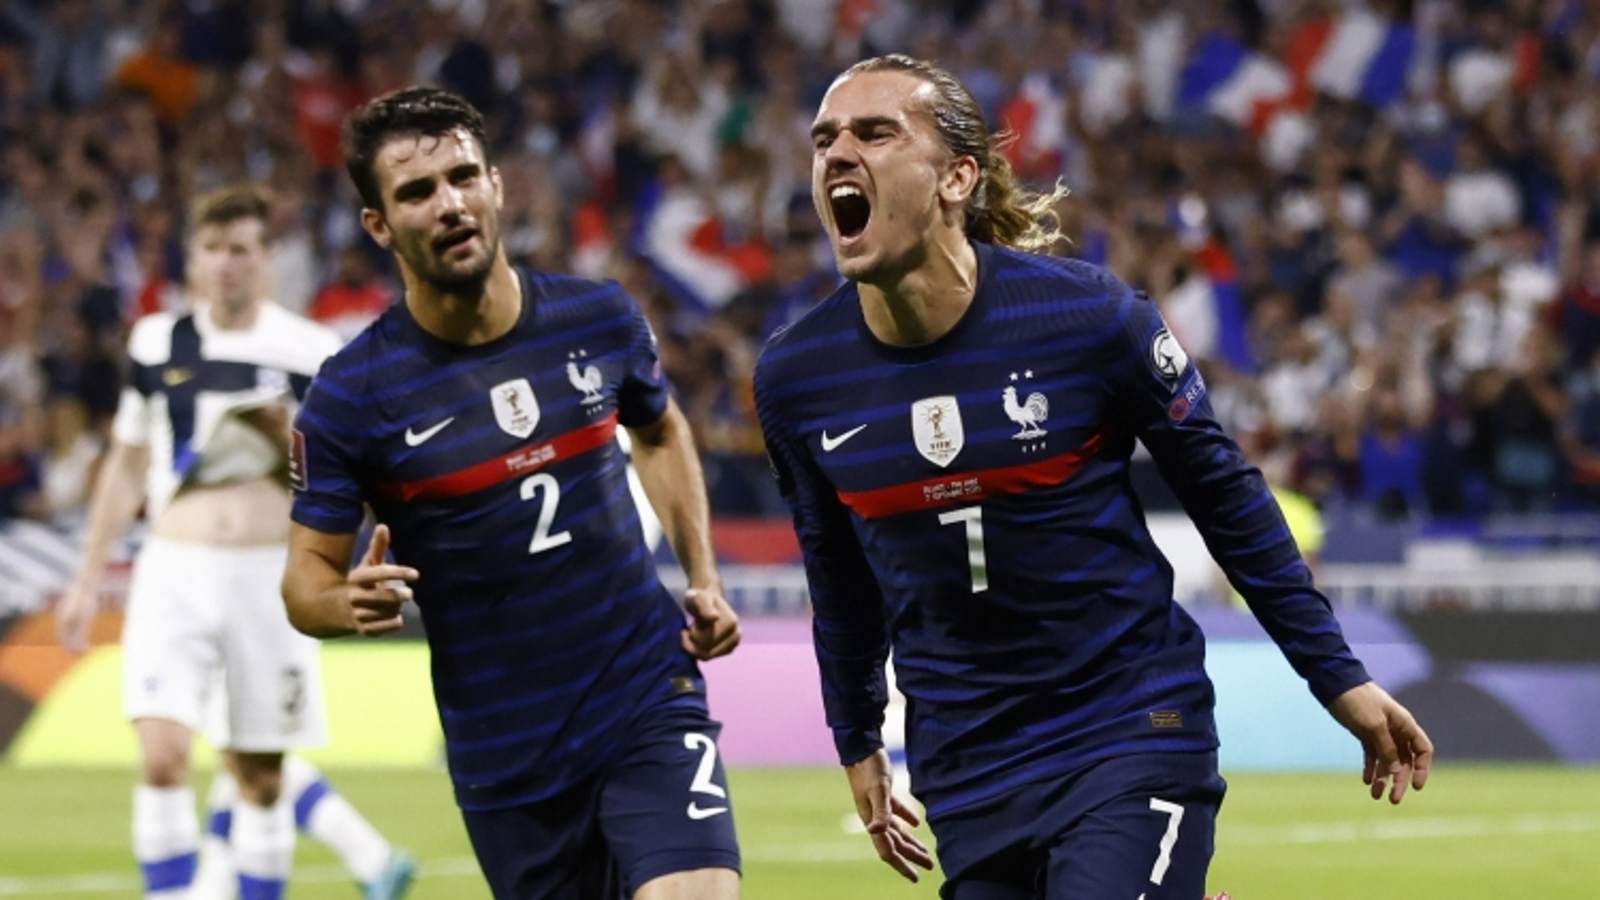 Vòng loại World Cup 2022: Pháp, Hà Lan, Bồ Đào Nha thắng tưng bừng